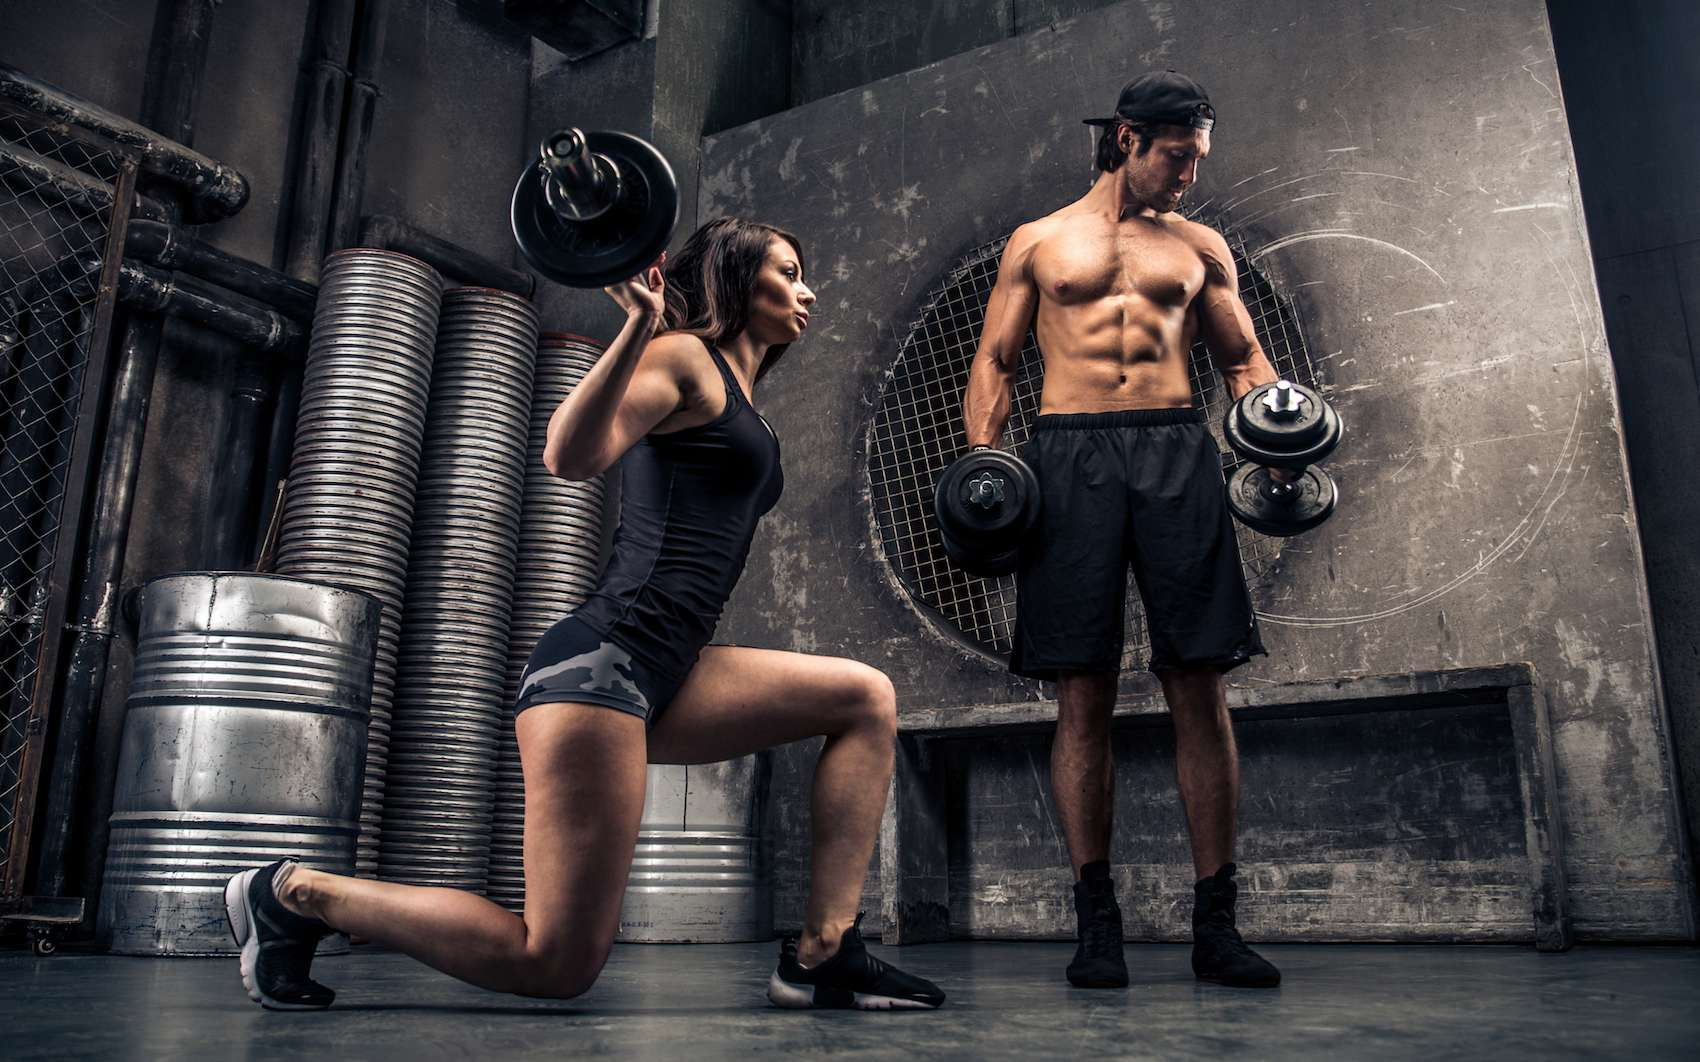 Le Crossfit comprend 52 exercices variés mélangeant musculation, haltérophilie et des mouvements gymniques. © oneinchpunch, fotolia